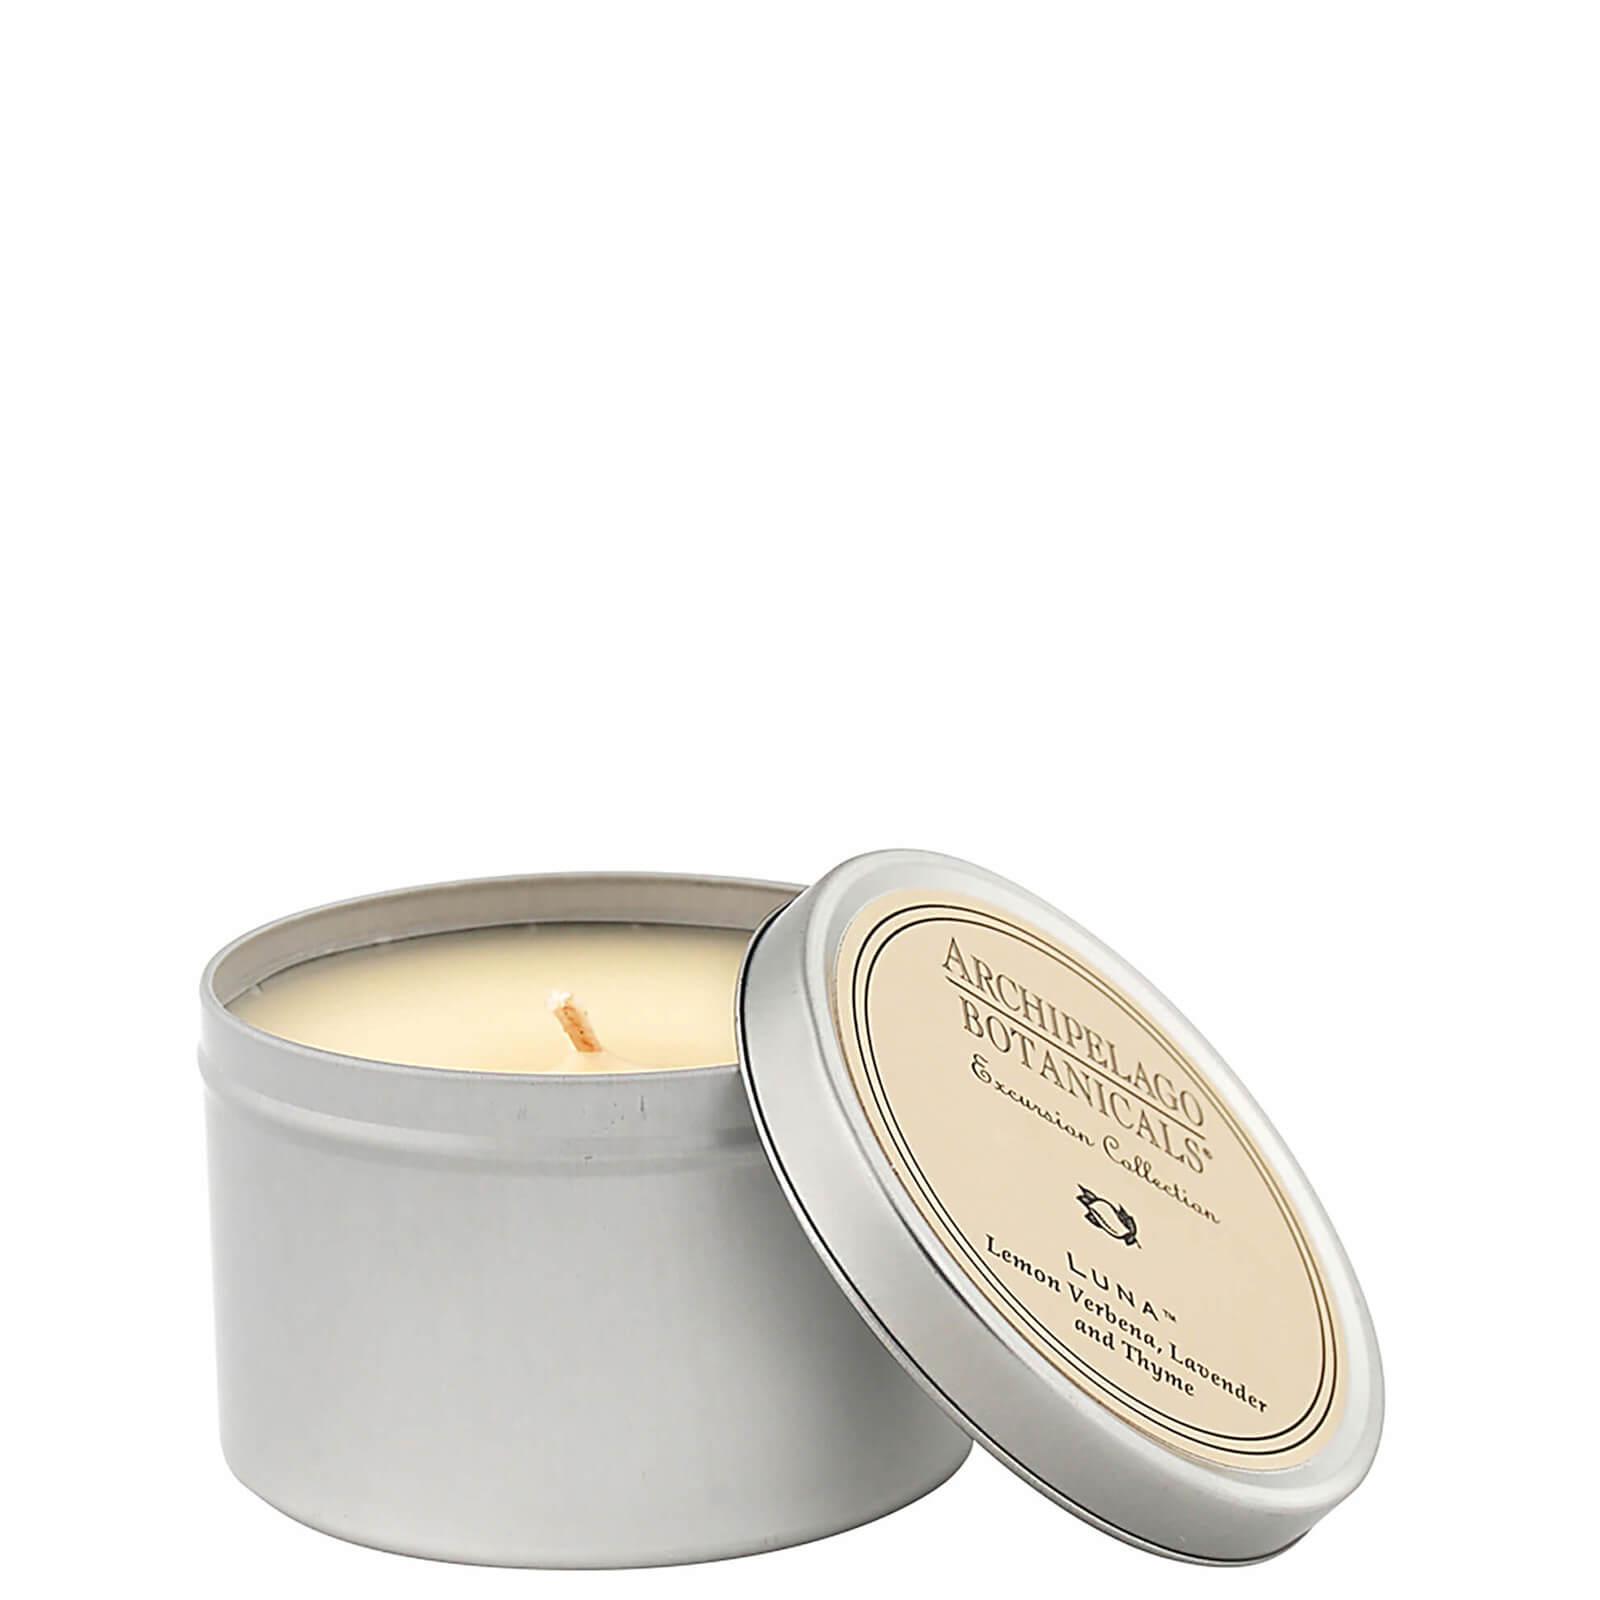 Купить Декоративная ароматическая свеча в жестяной баночкеArchipelago Botanicals Candle in a Tin— Luna